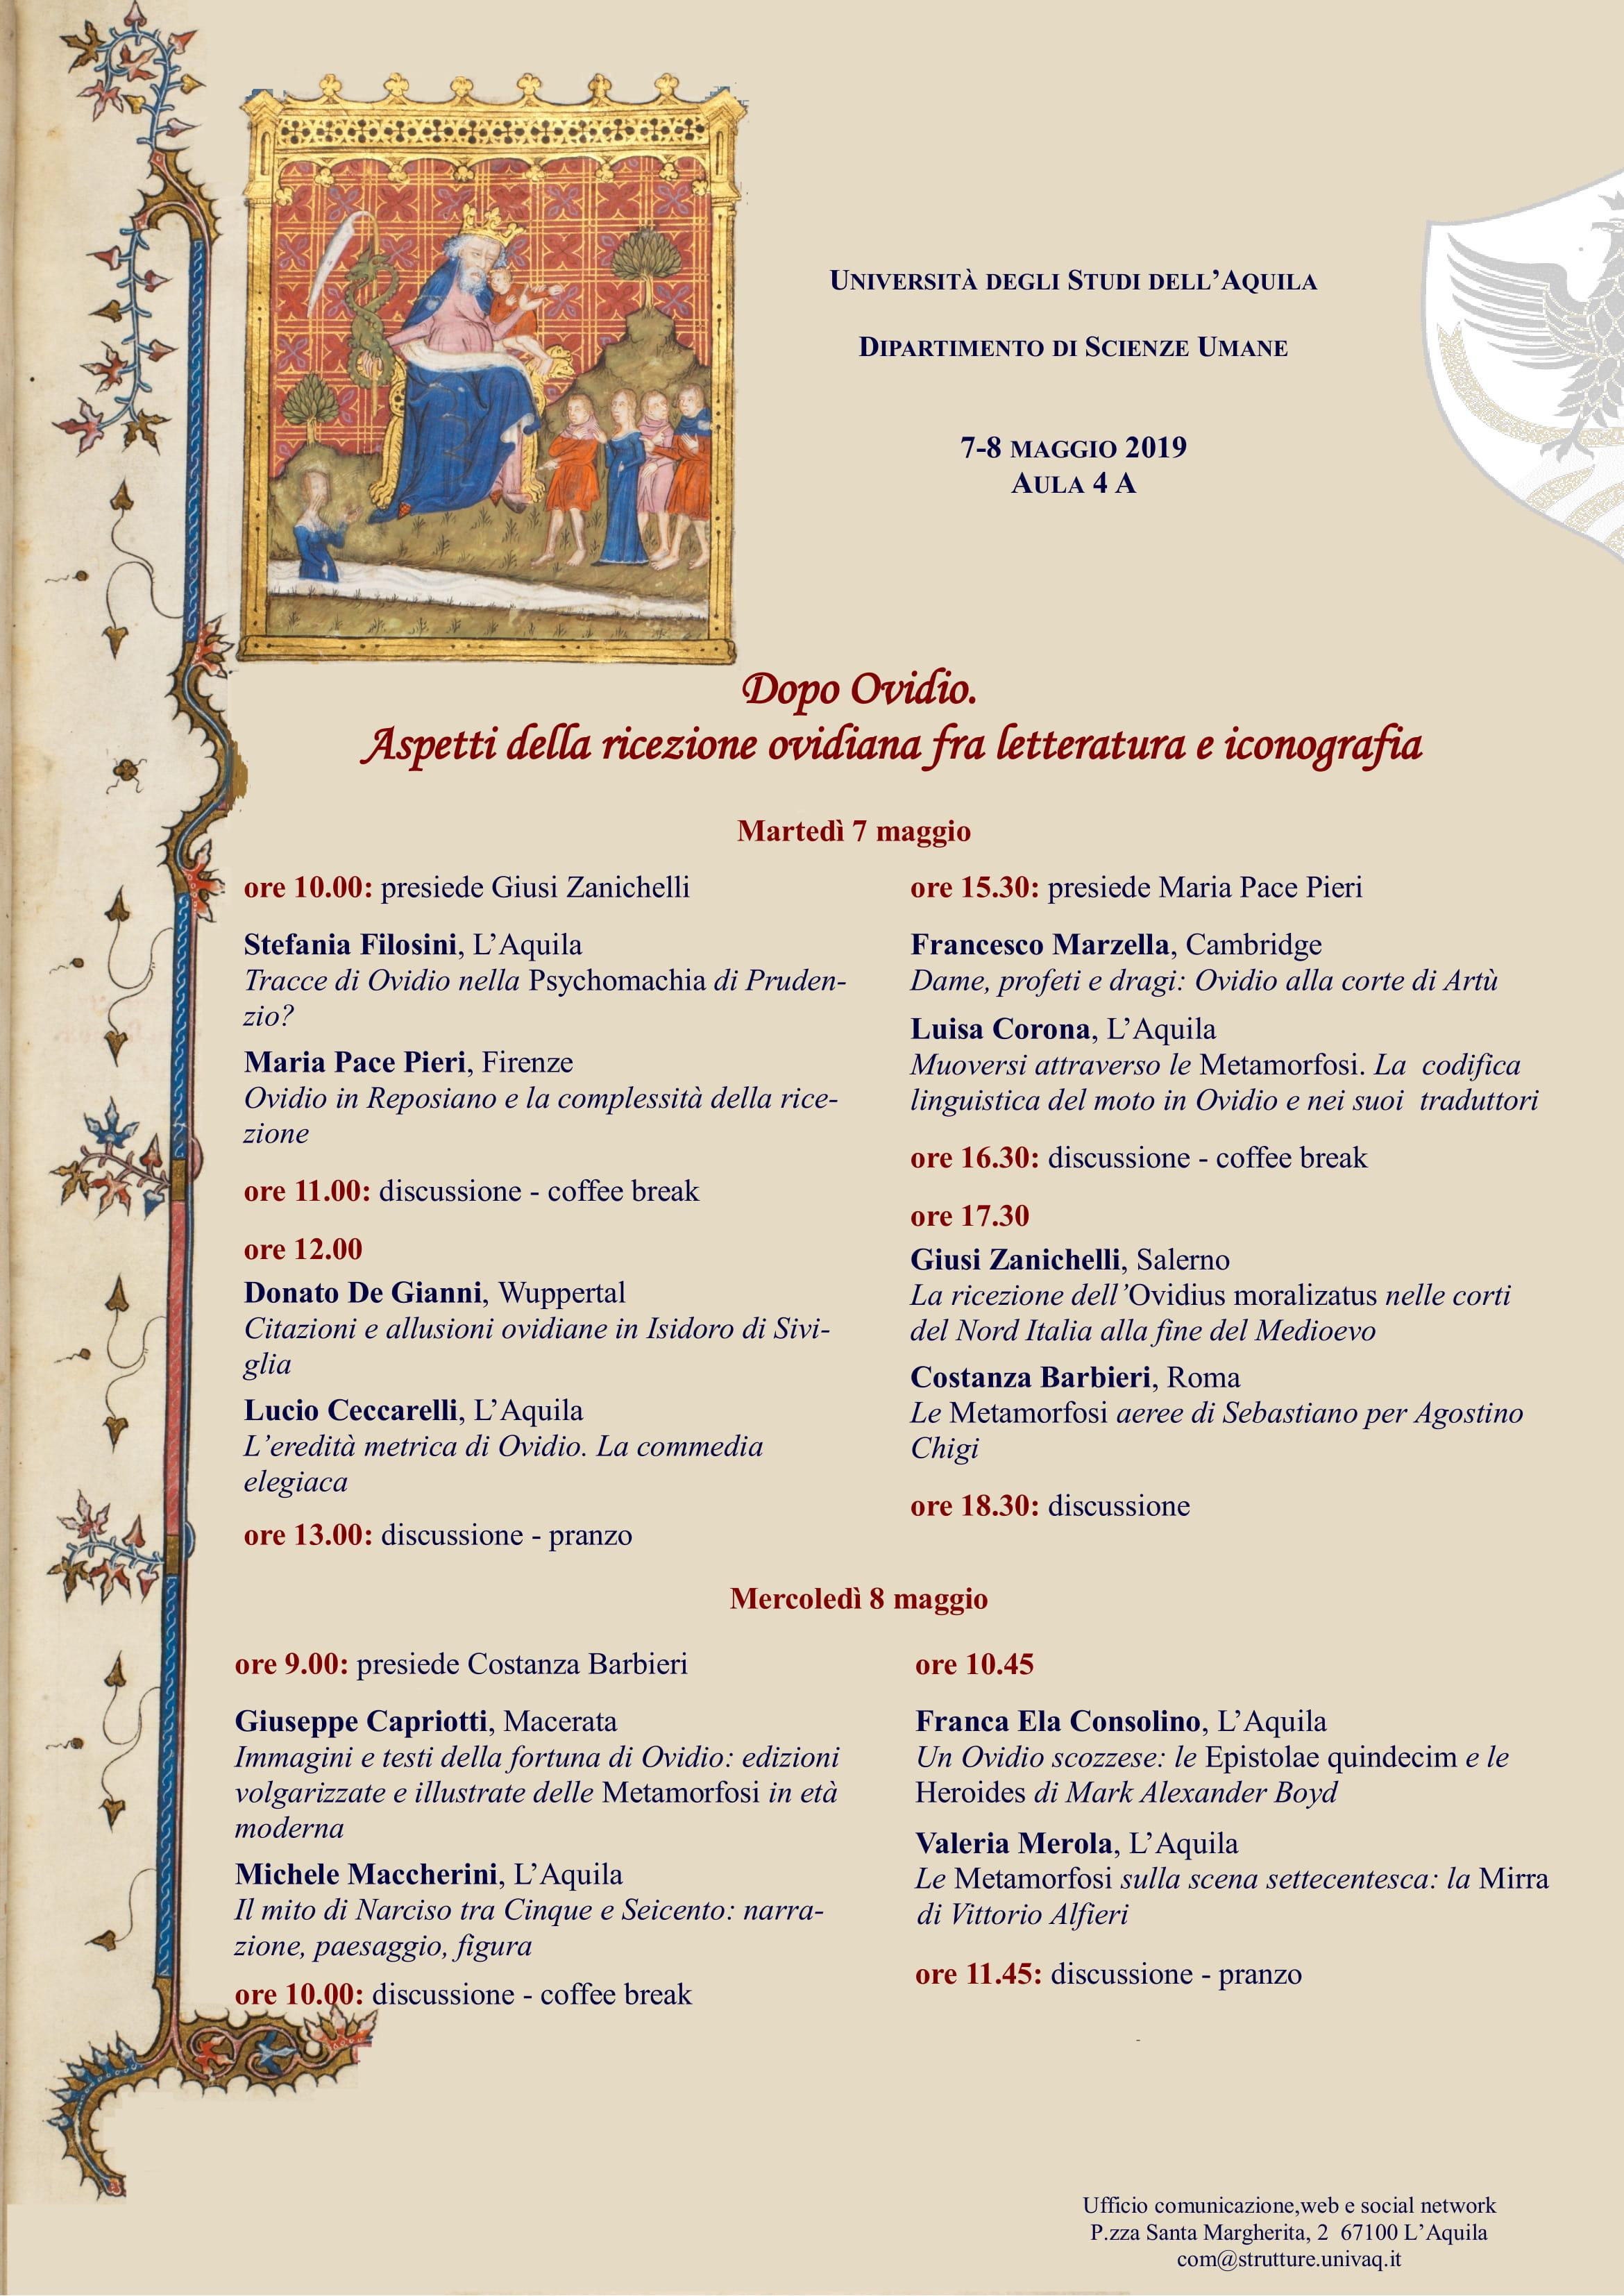 Convegno Dopo Ovidio. Aspetti della ricezione ovidiana fra letteratura e iconografia